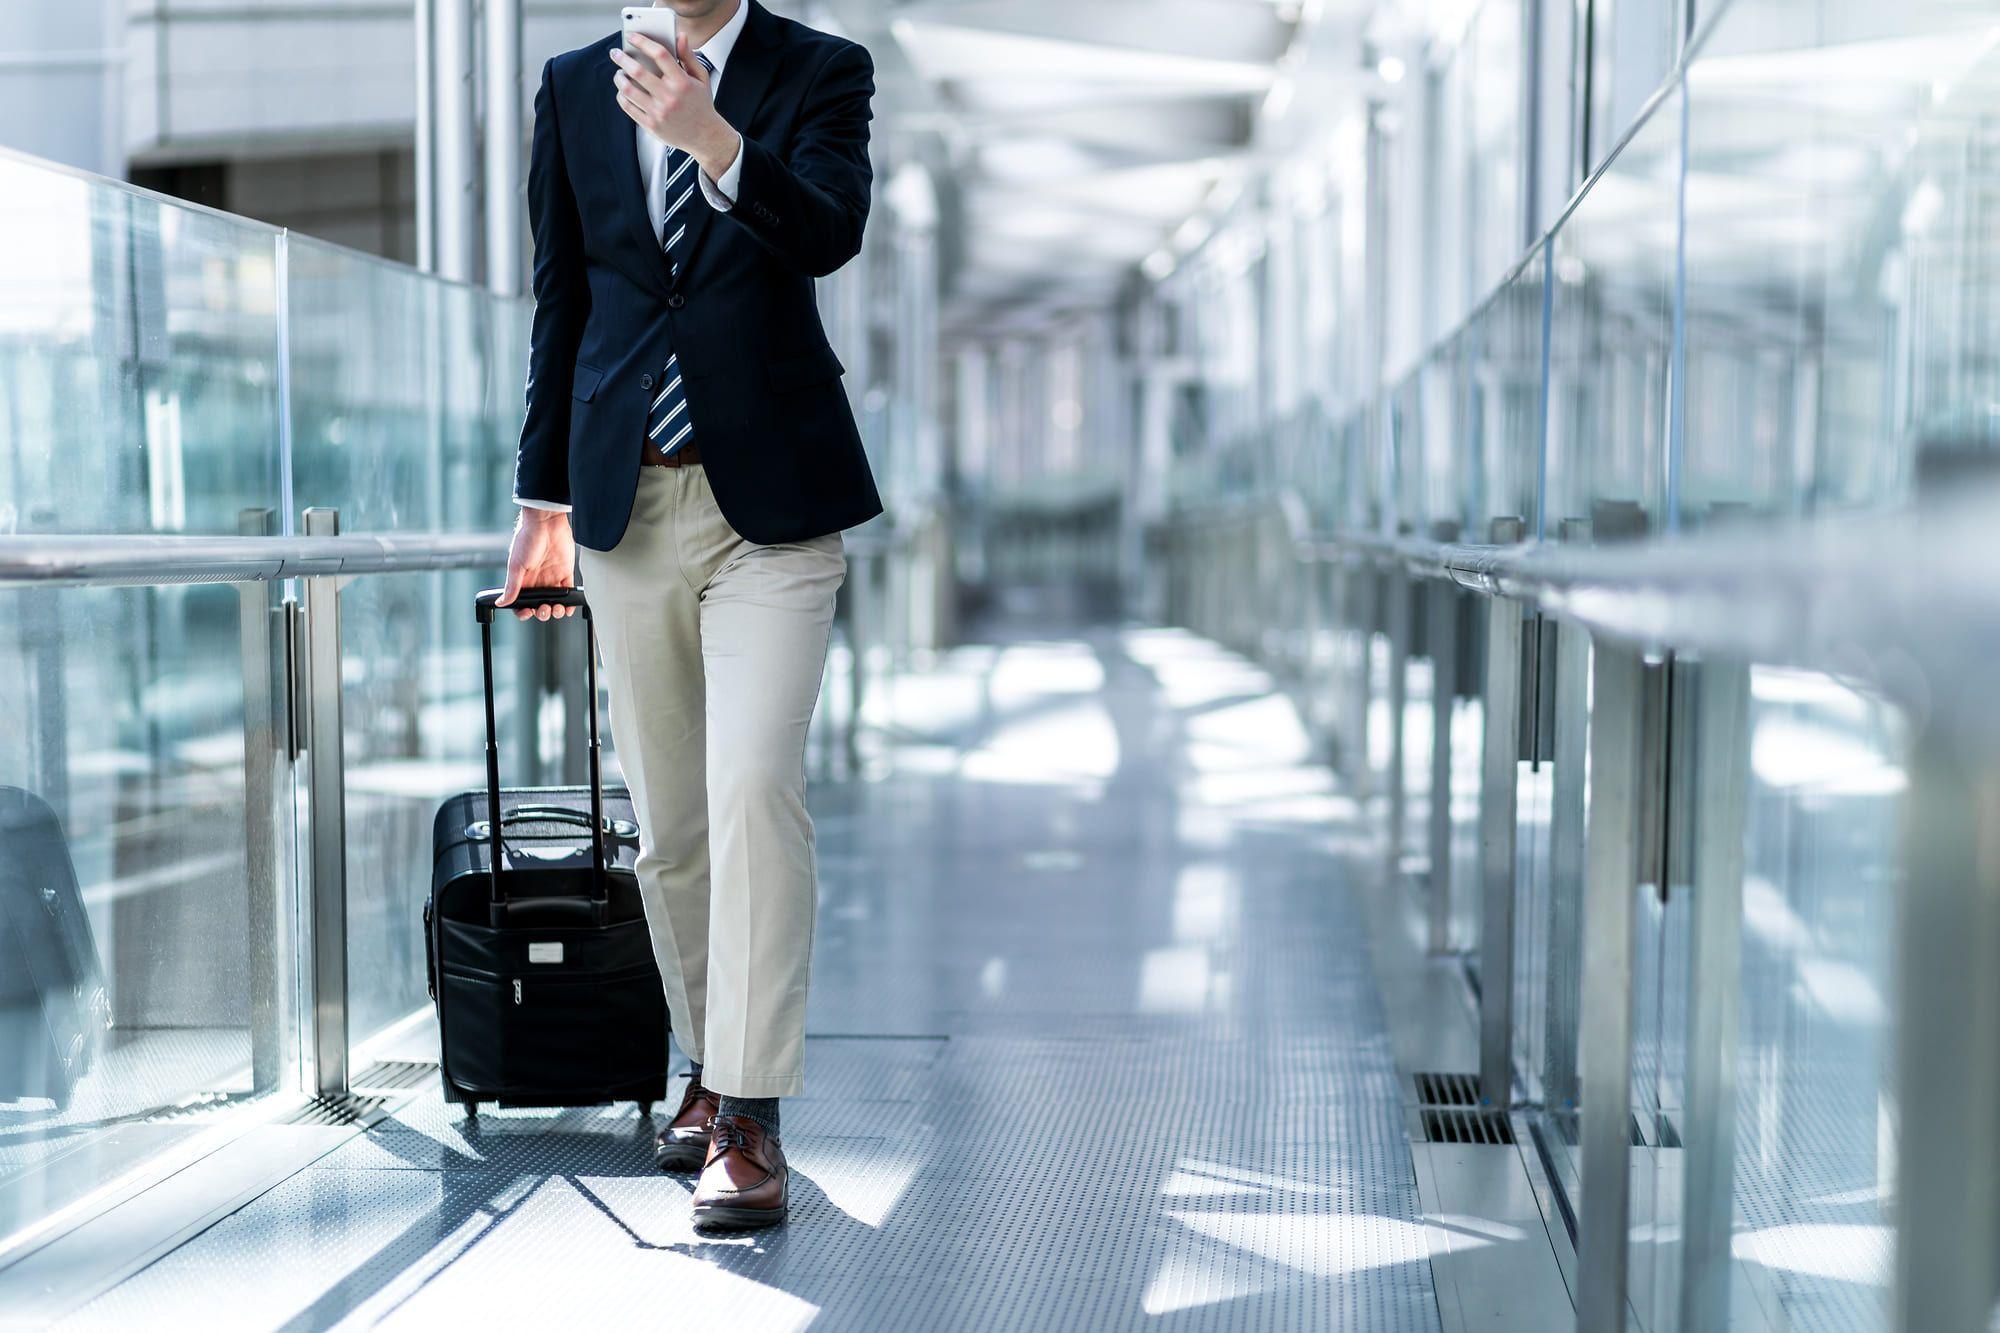 【必見】空港ラウンジをもっとお得に利用できるクレジットカード6選!豪華なサービス内容も詳しく解説